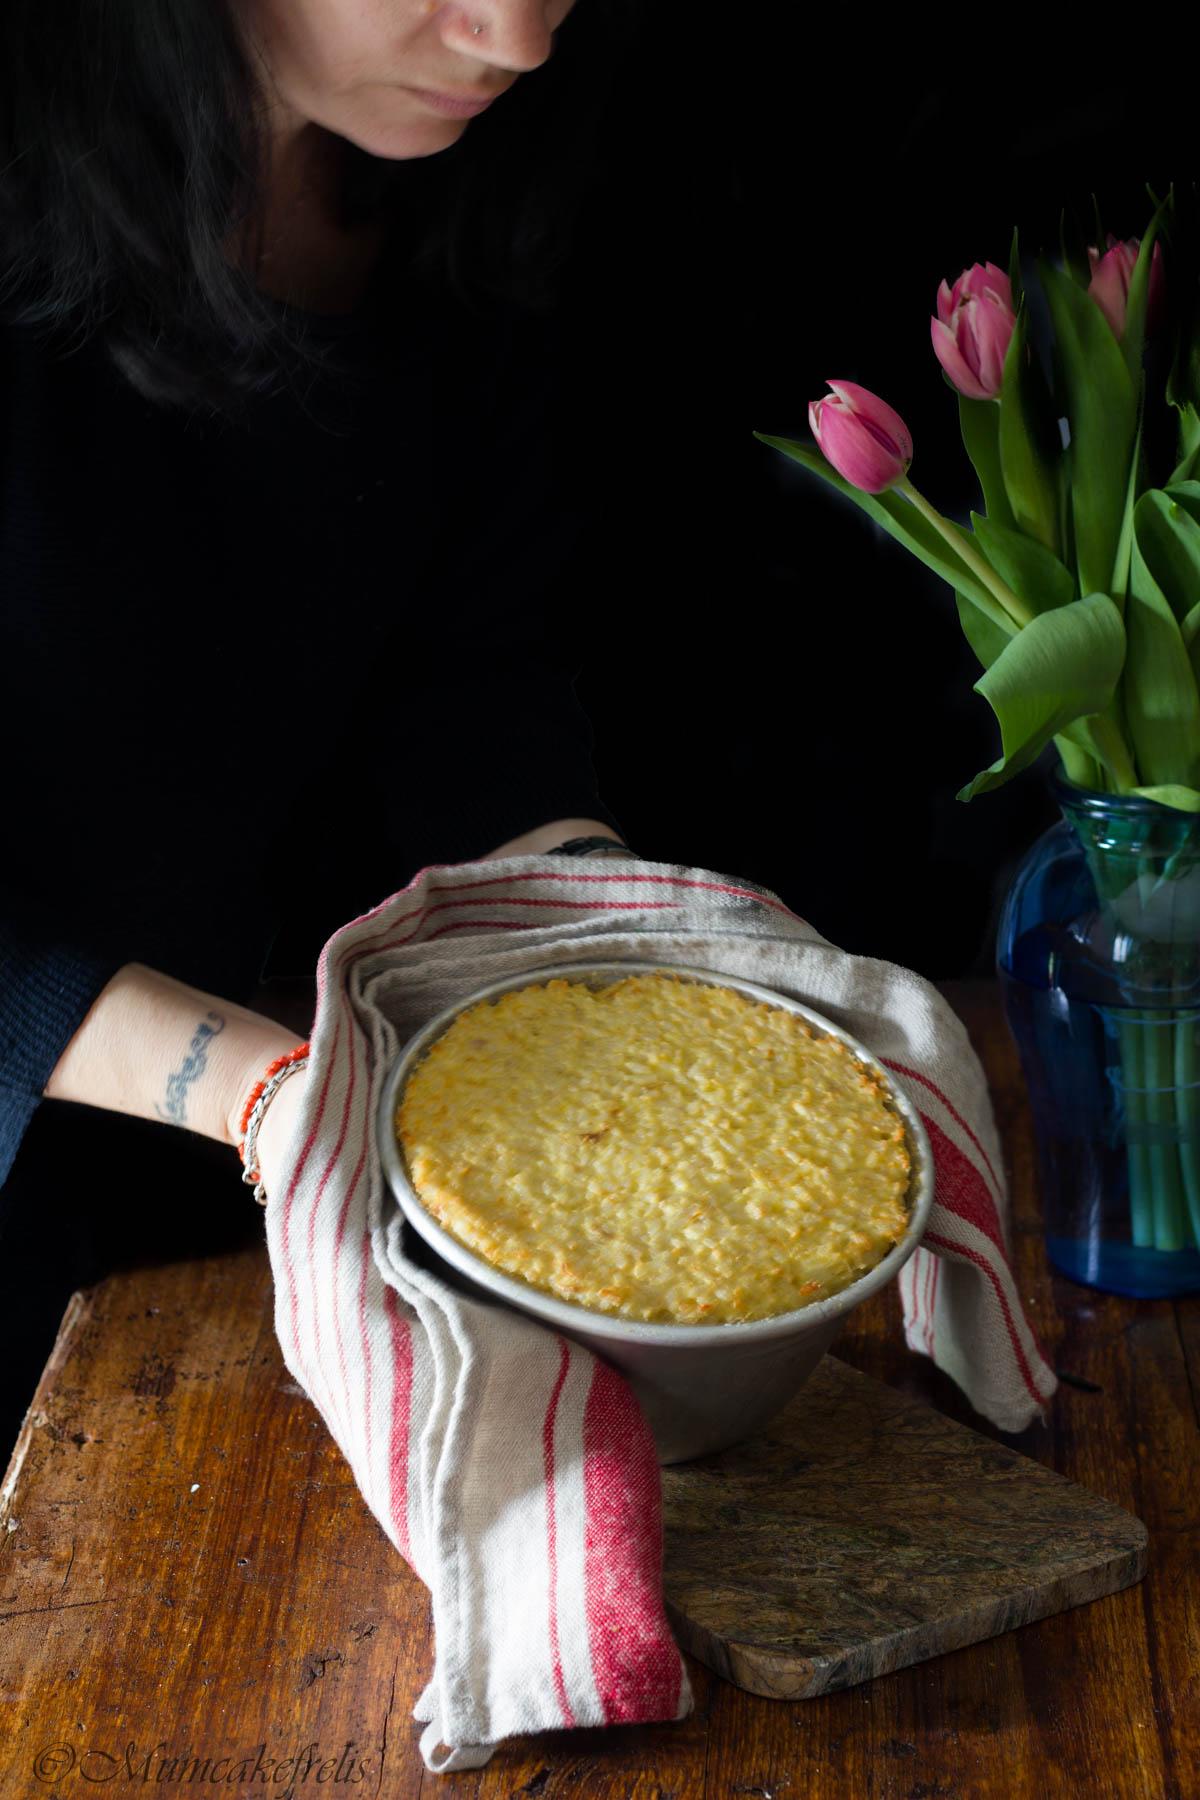 sartù di riso, il sartù di riso, il sartù di riso col ragù, ricetta originale sartu di riso, ricetta originale sartu napoletano, sartu al forno,